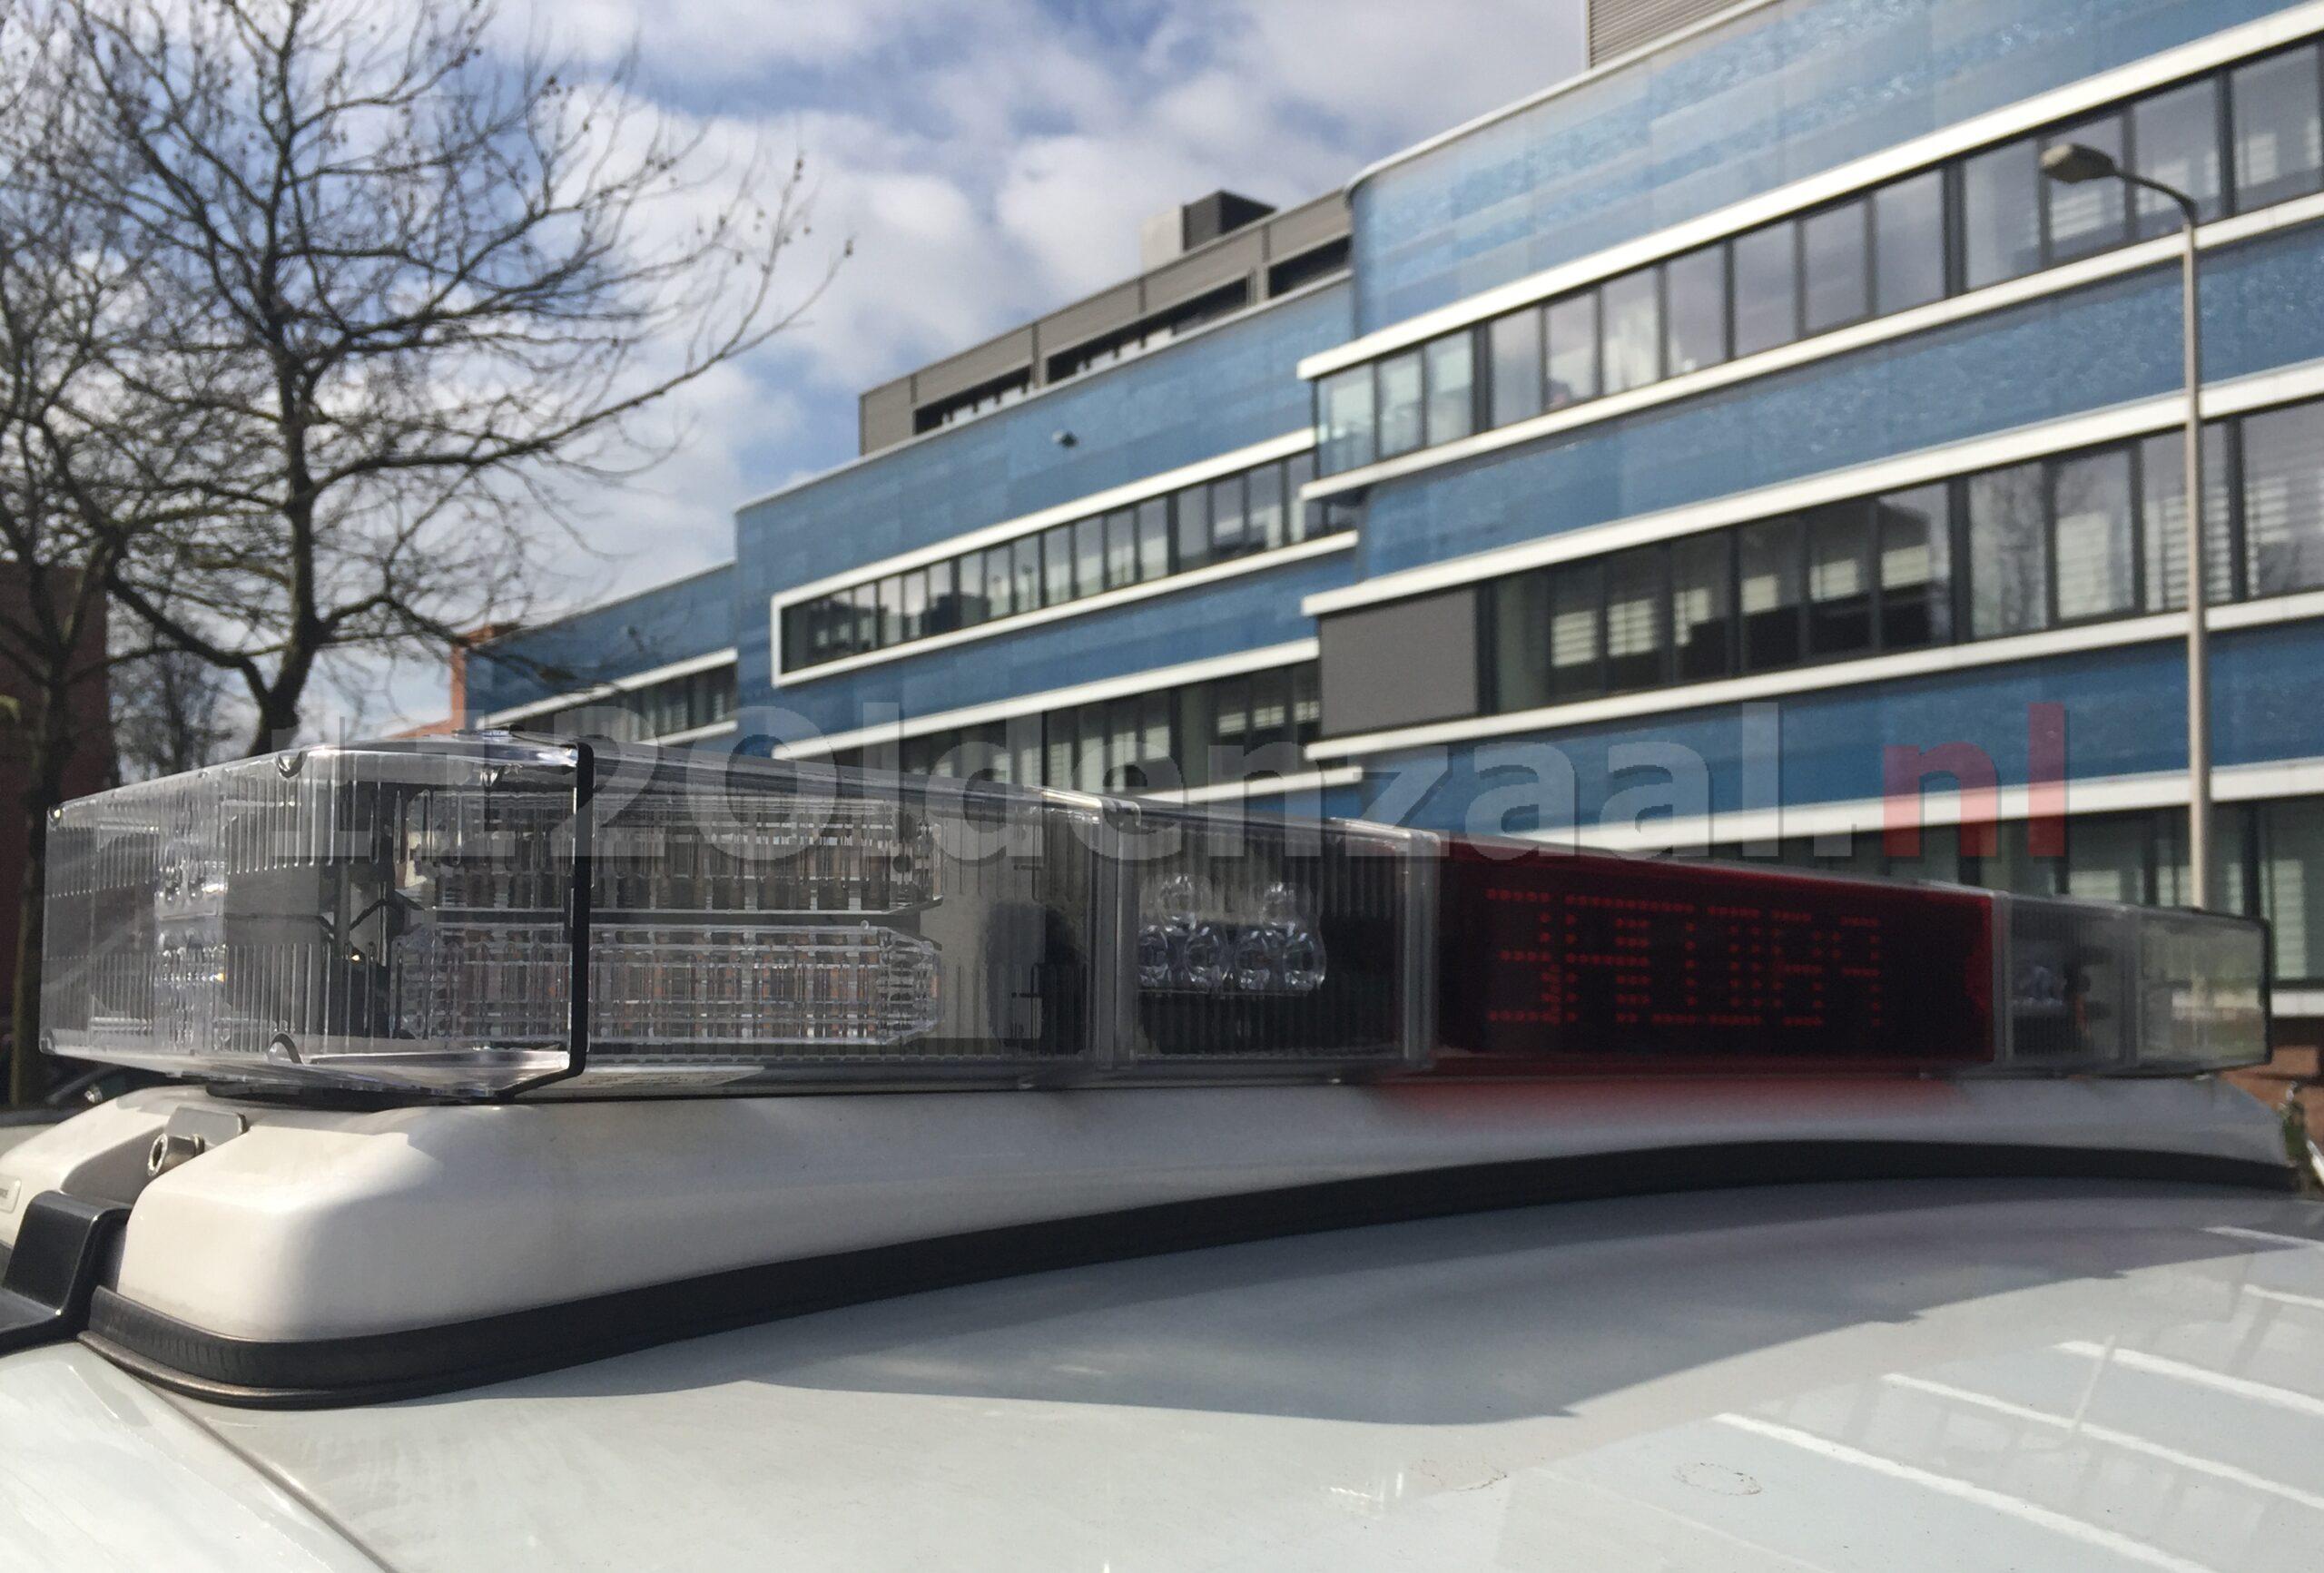 23-jarige man uit Enschede aangehouden na ramkraak in Rheine, 50.000 euro buitgemaakt